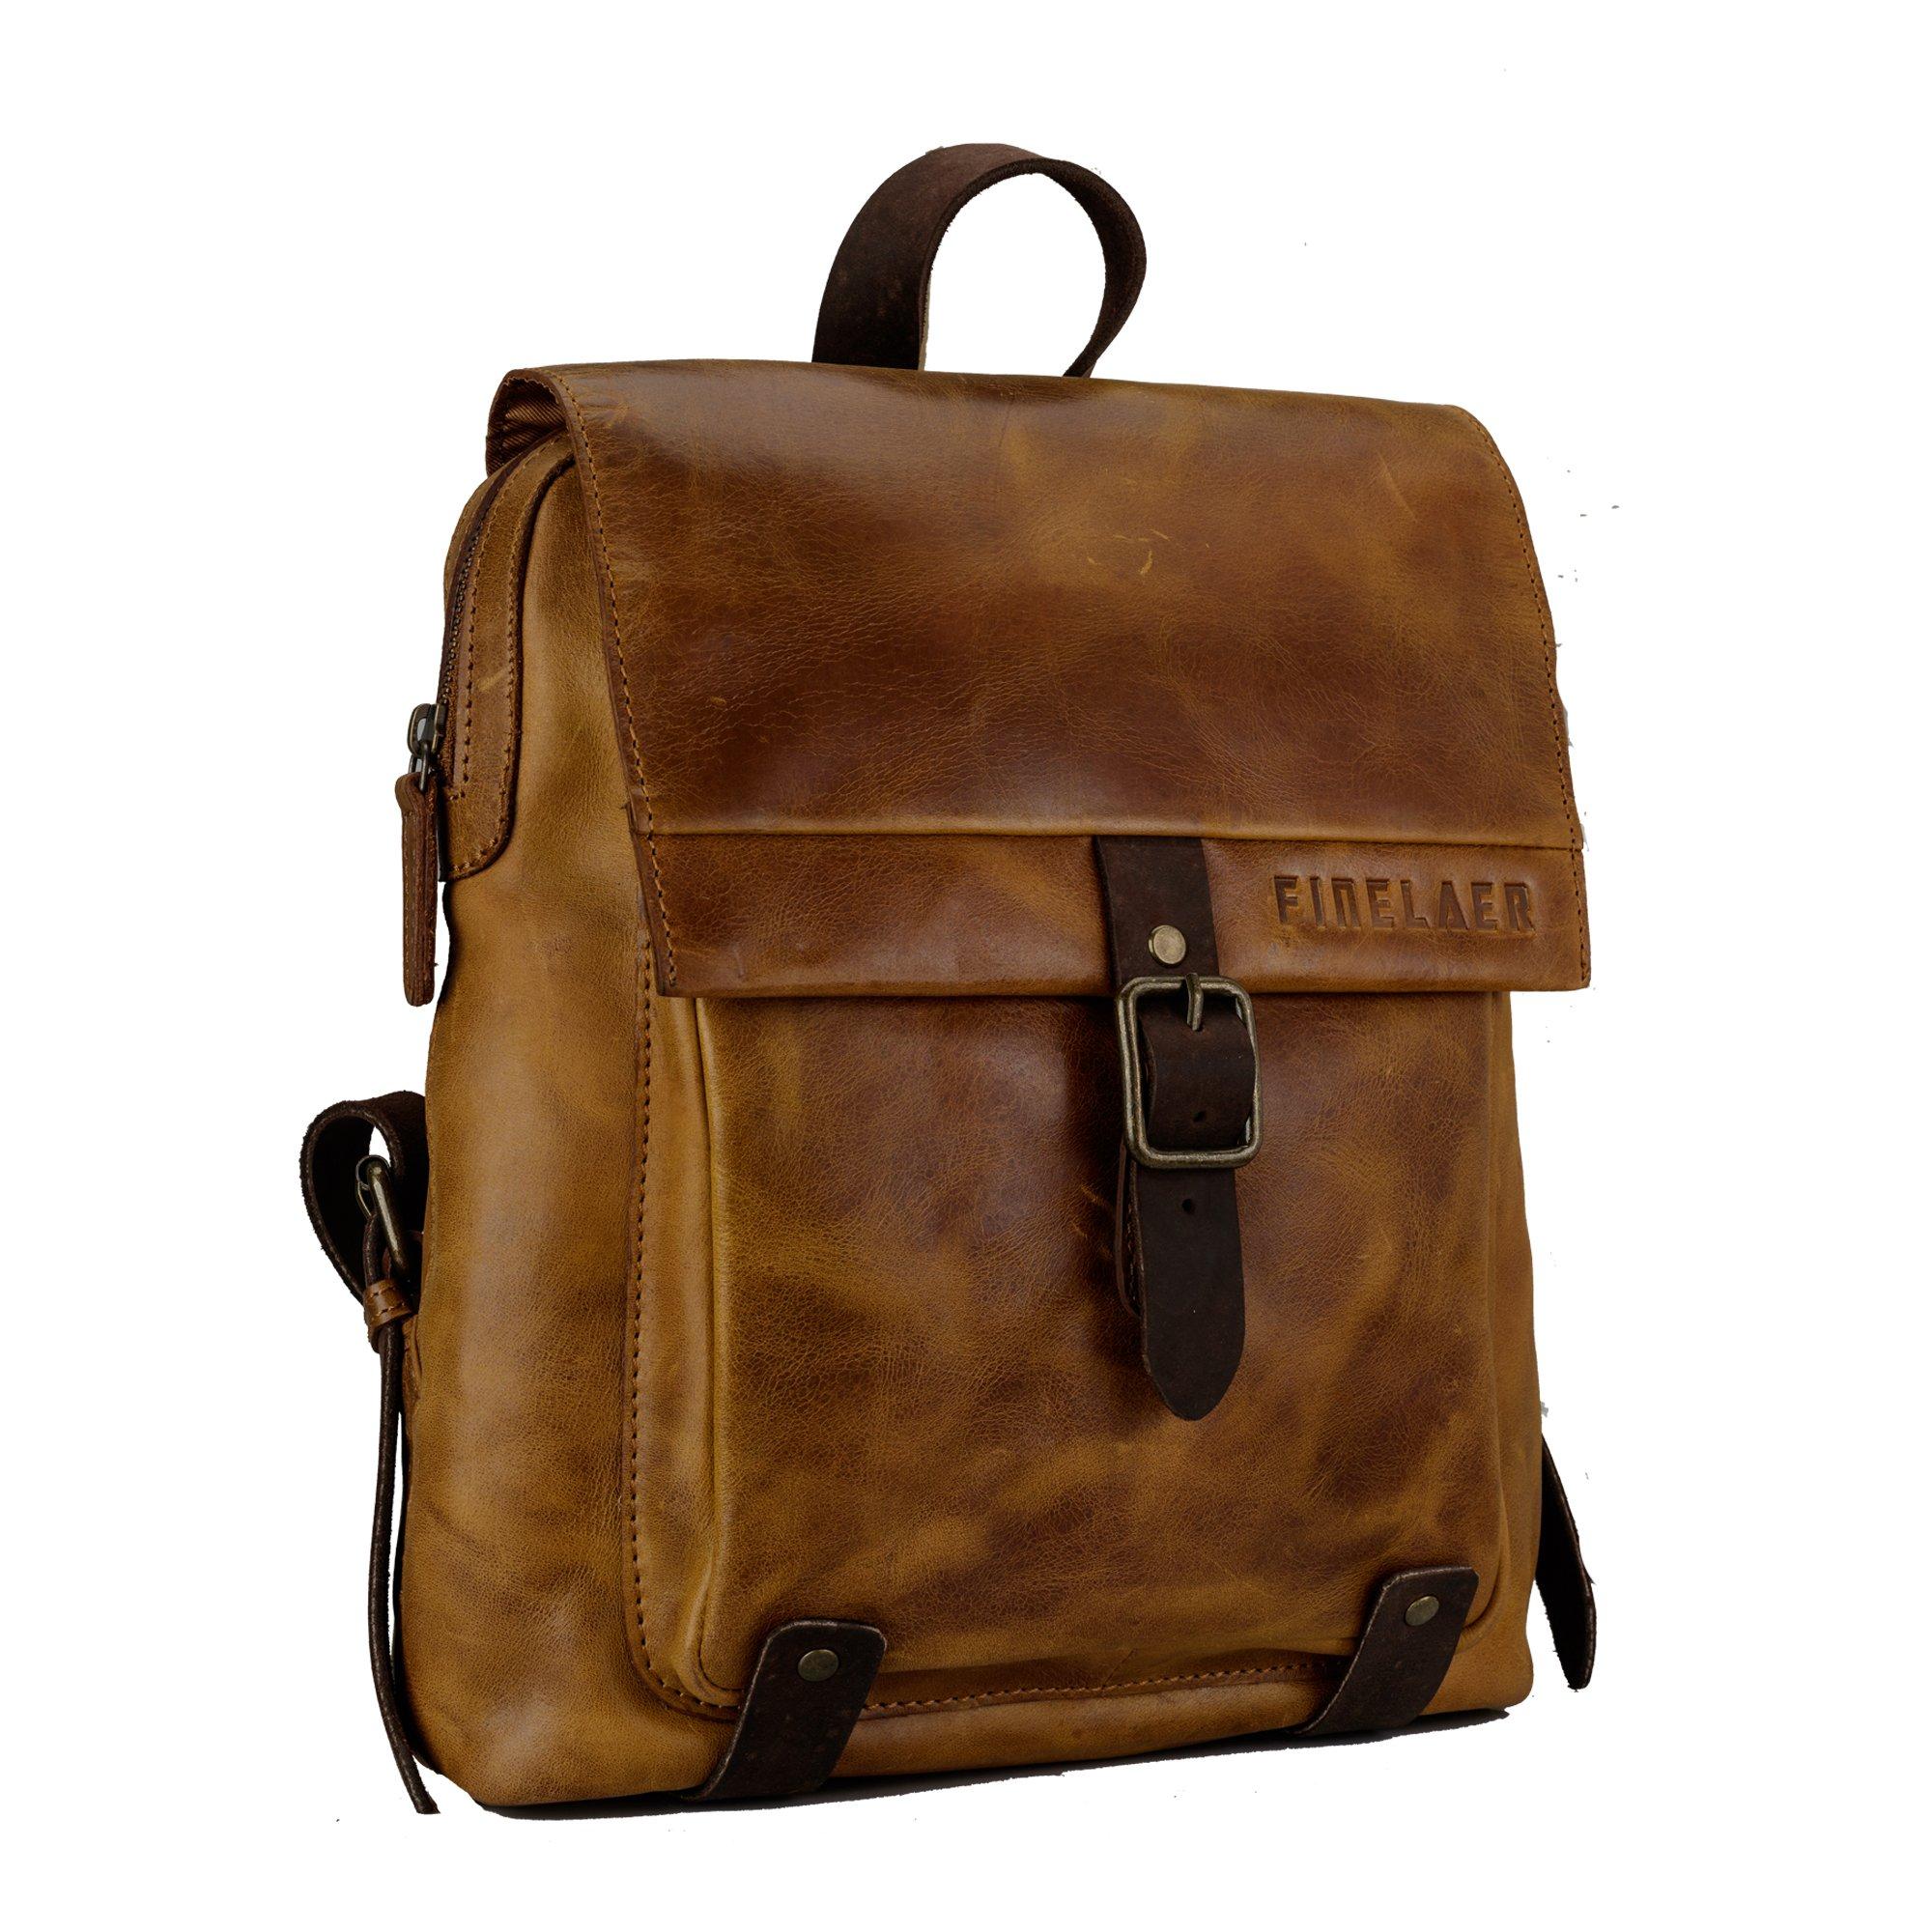 Finelaer Vintage Genuine Leather Backpack DayPack Travel College Bag Brown Men Women by FINELAER (Image #7)